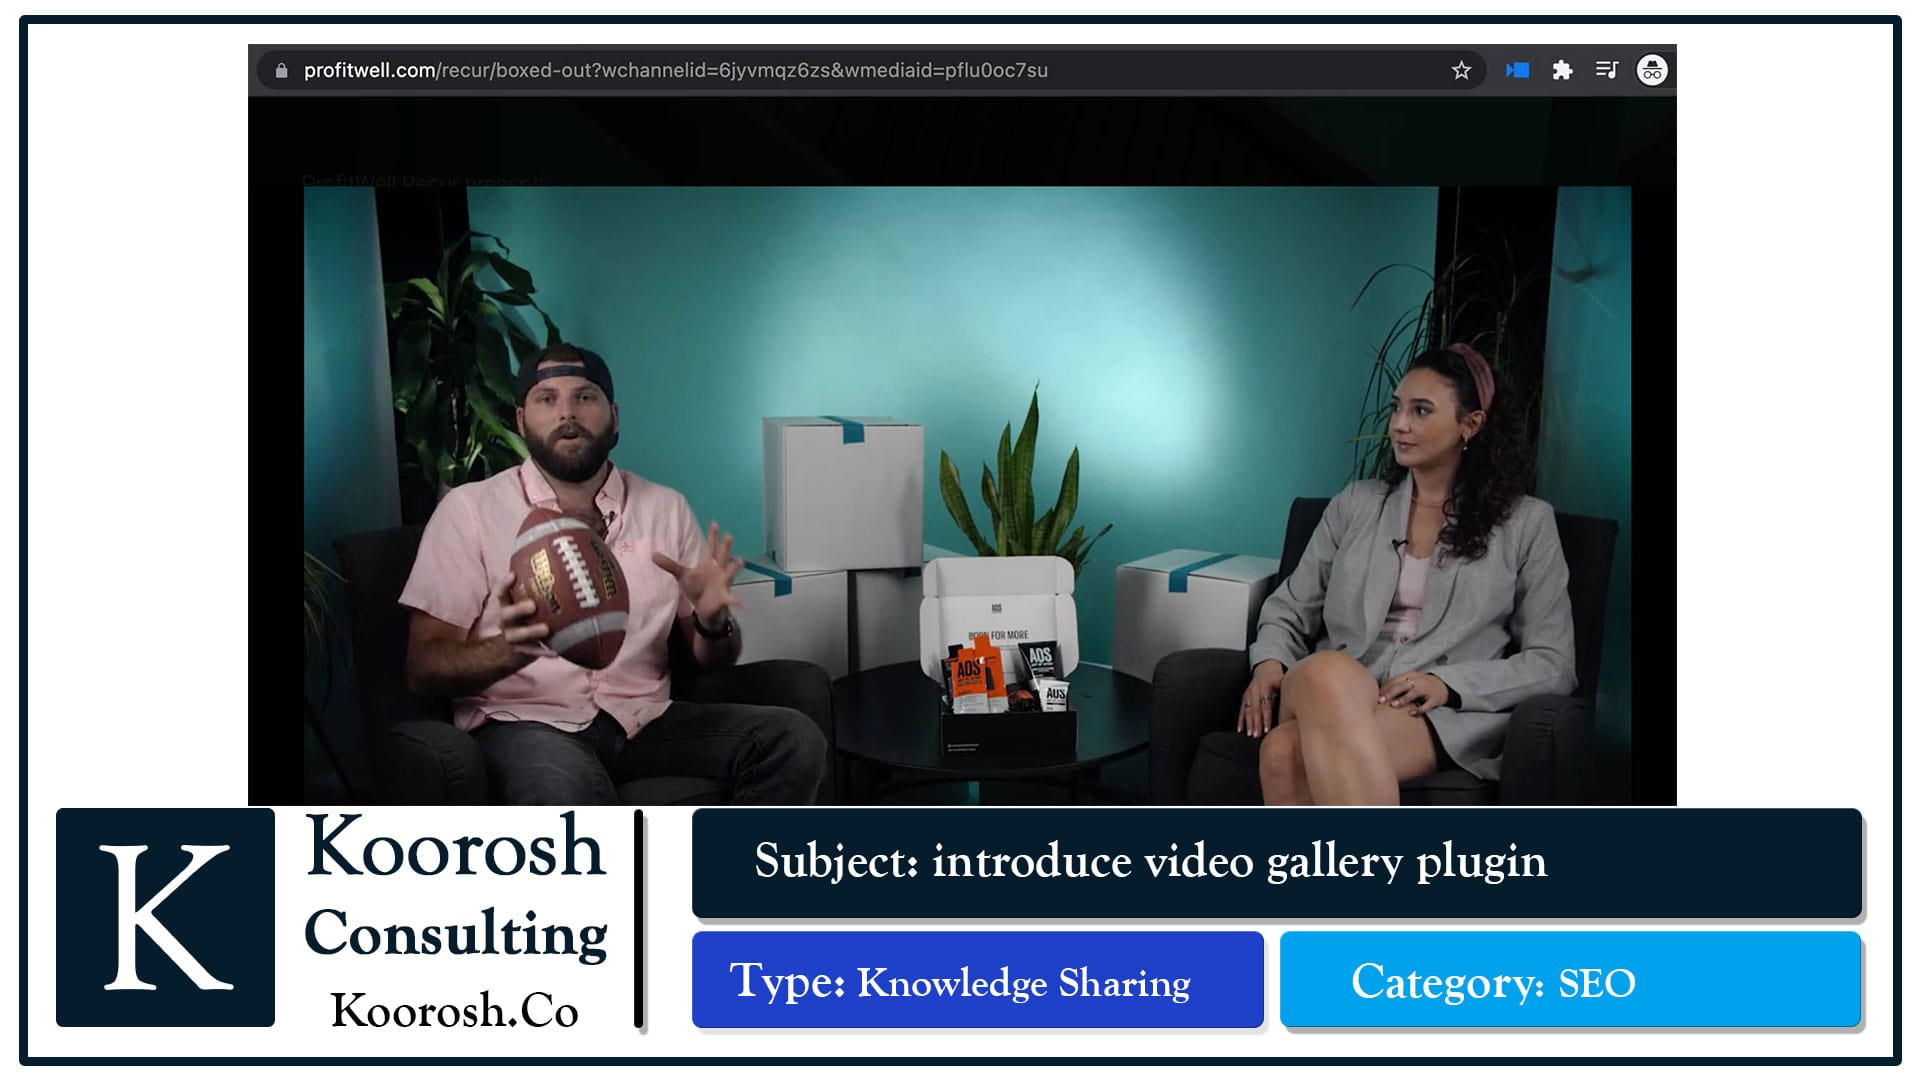 ویدیوهایی در یک URL، و اضافه شدن عبارات جستجو برای هر ویدیو